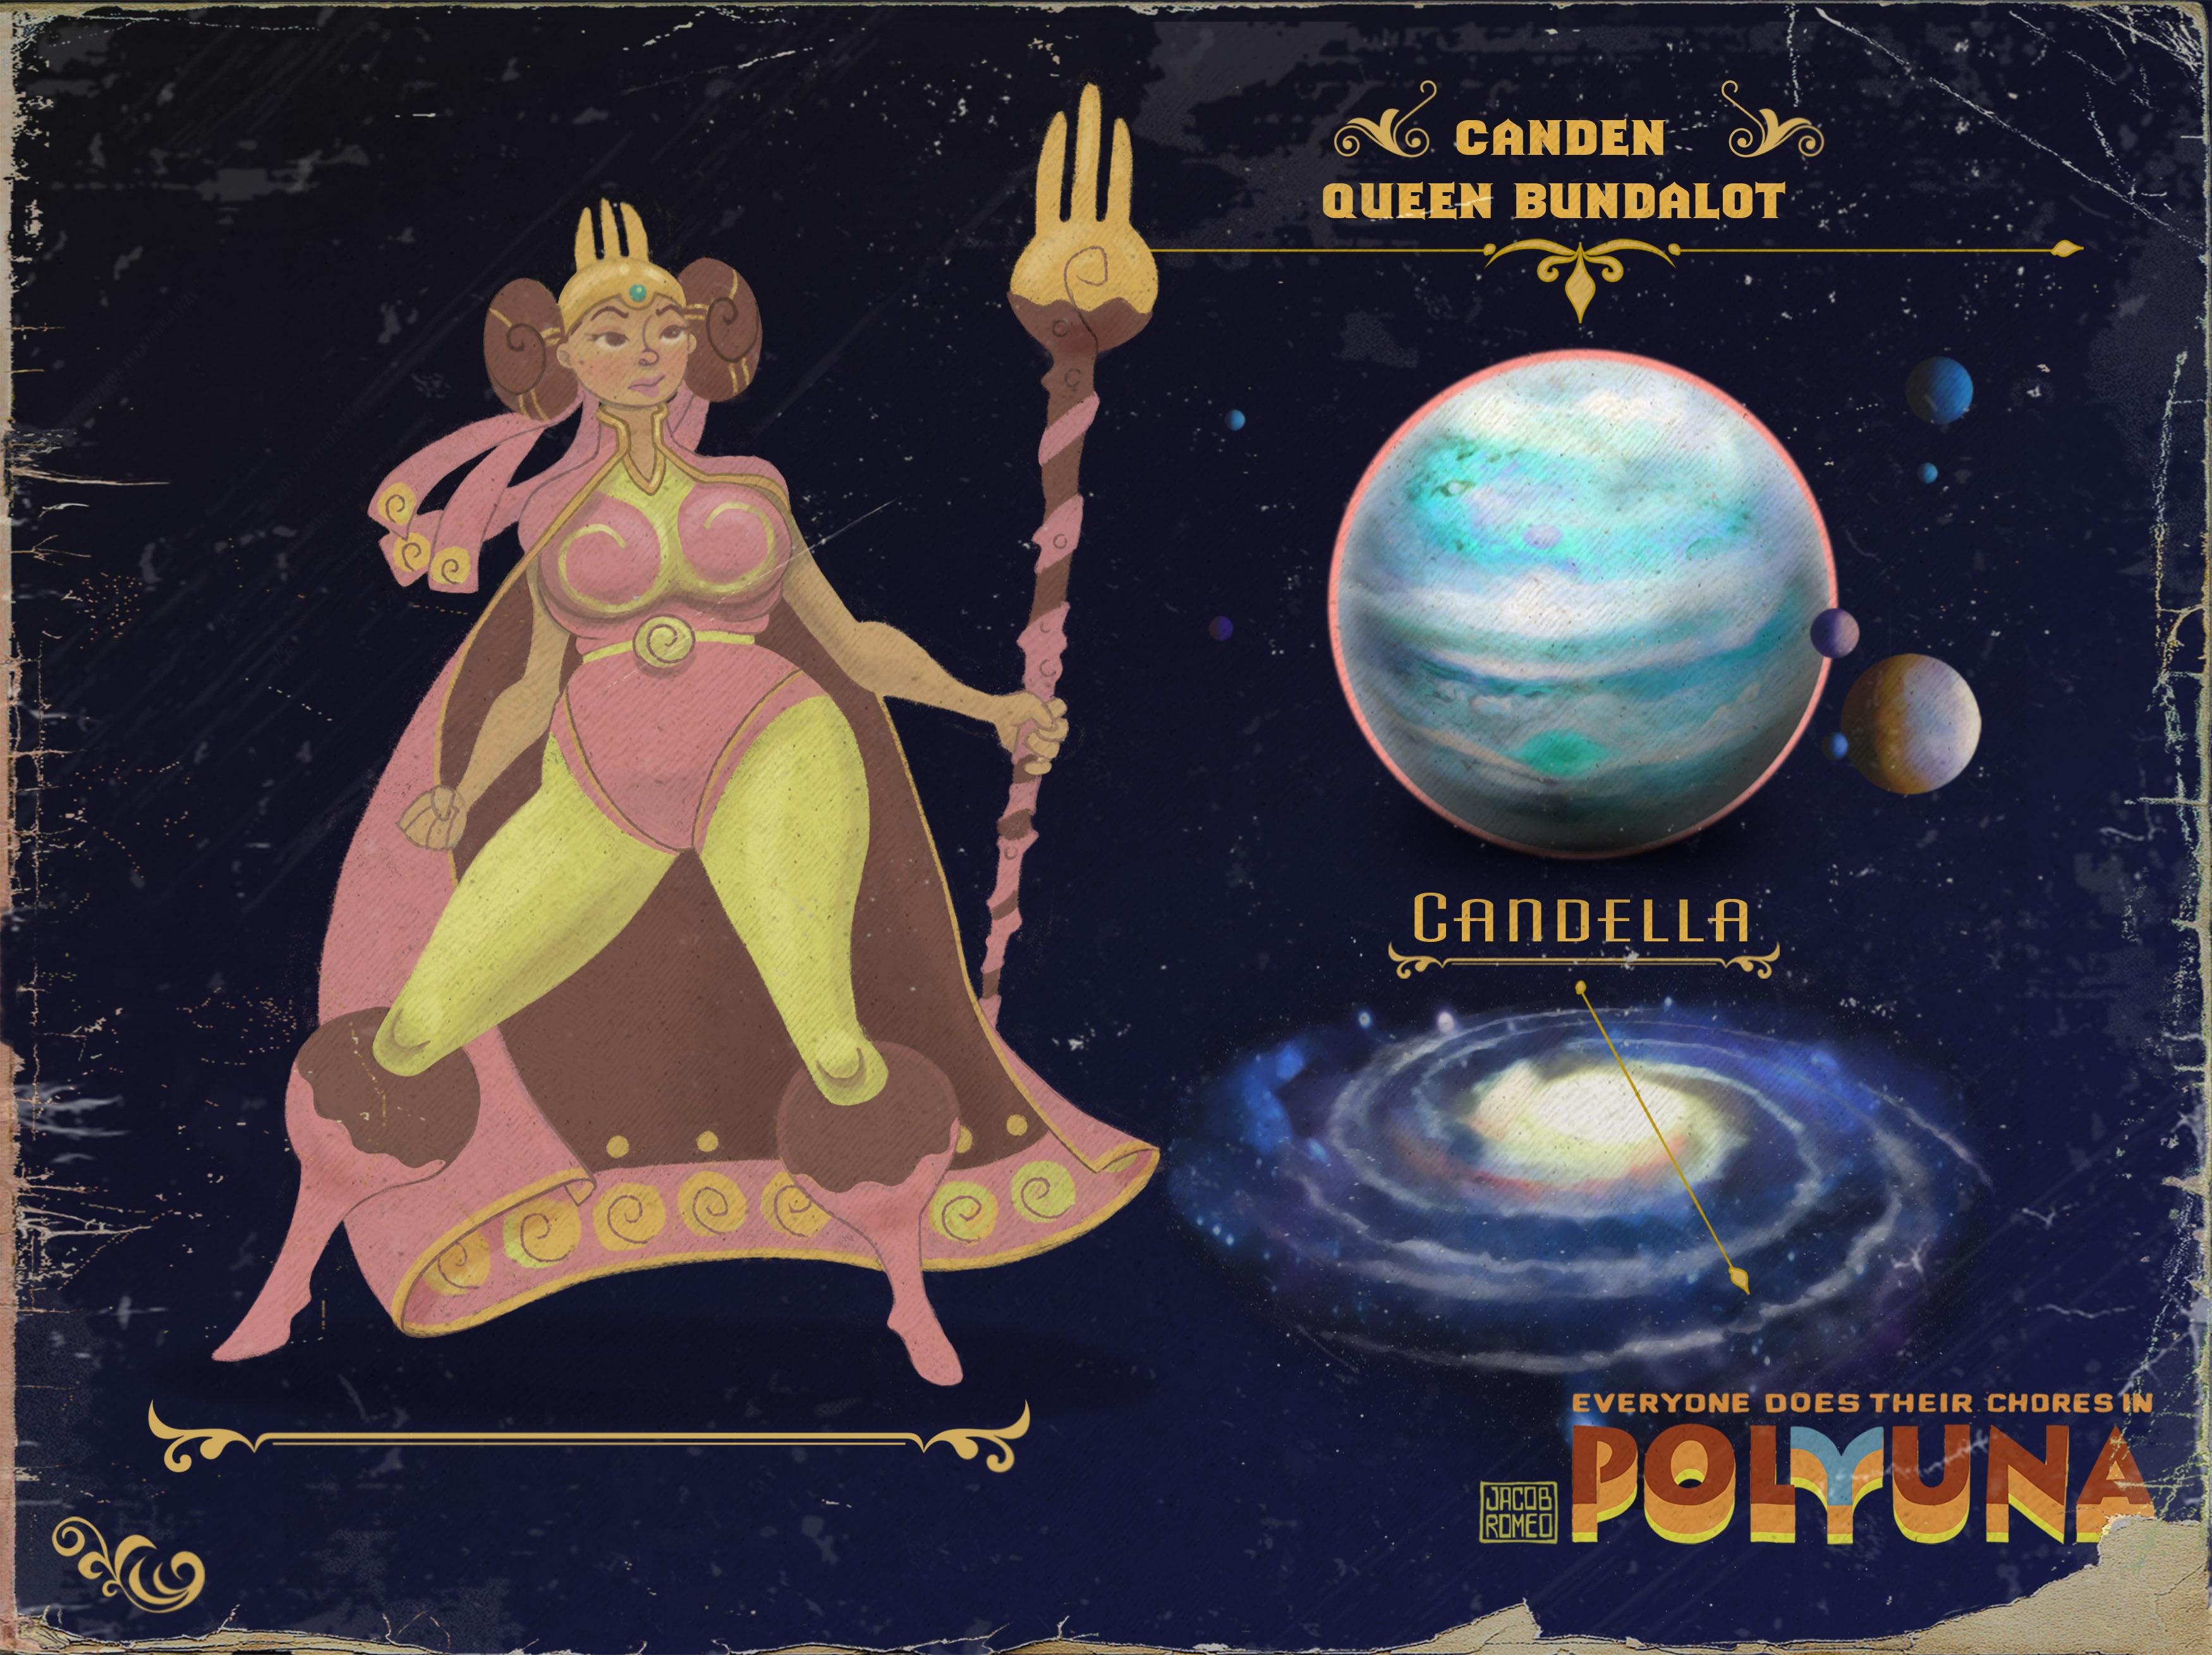 Queen Bundalot